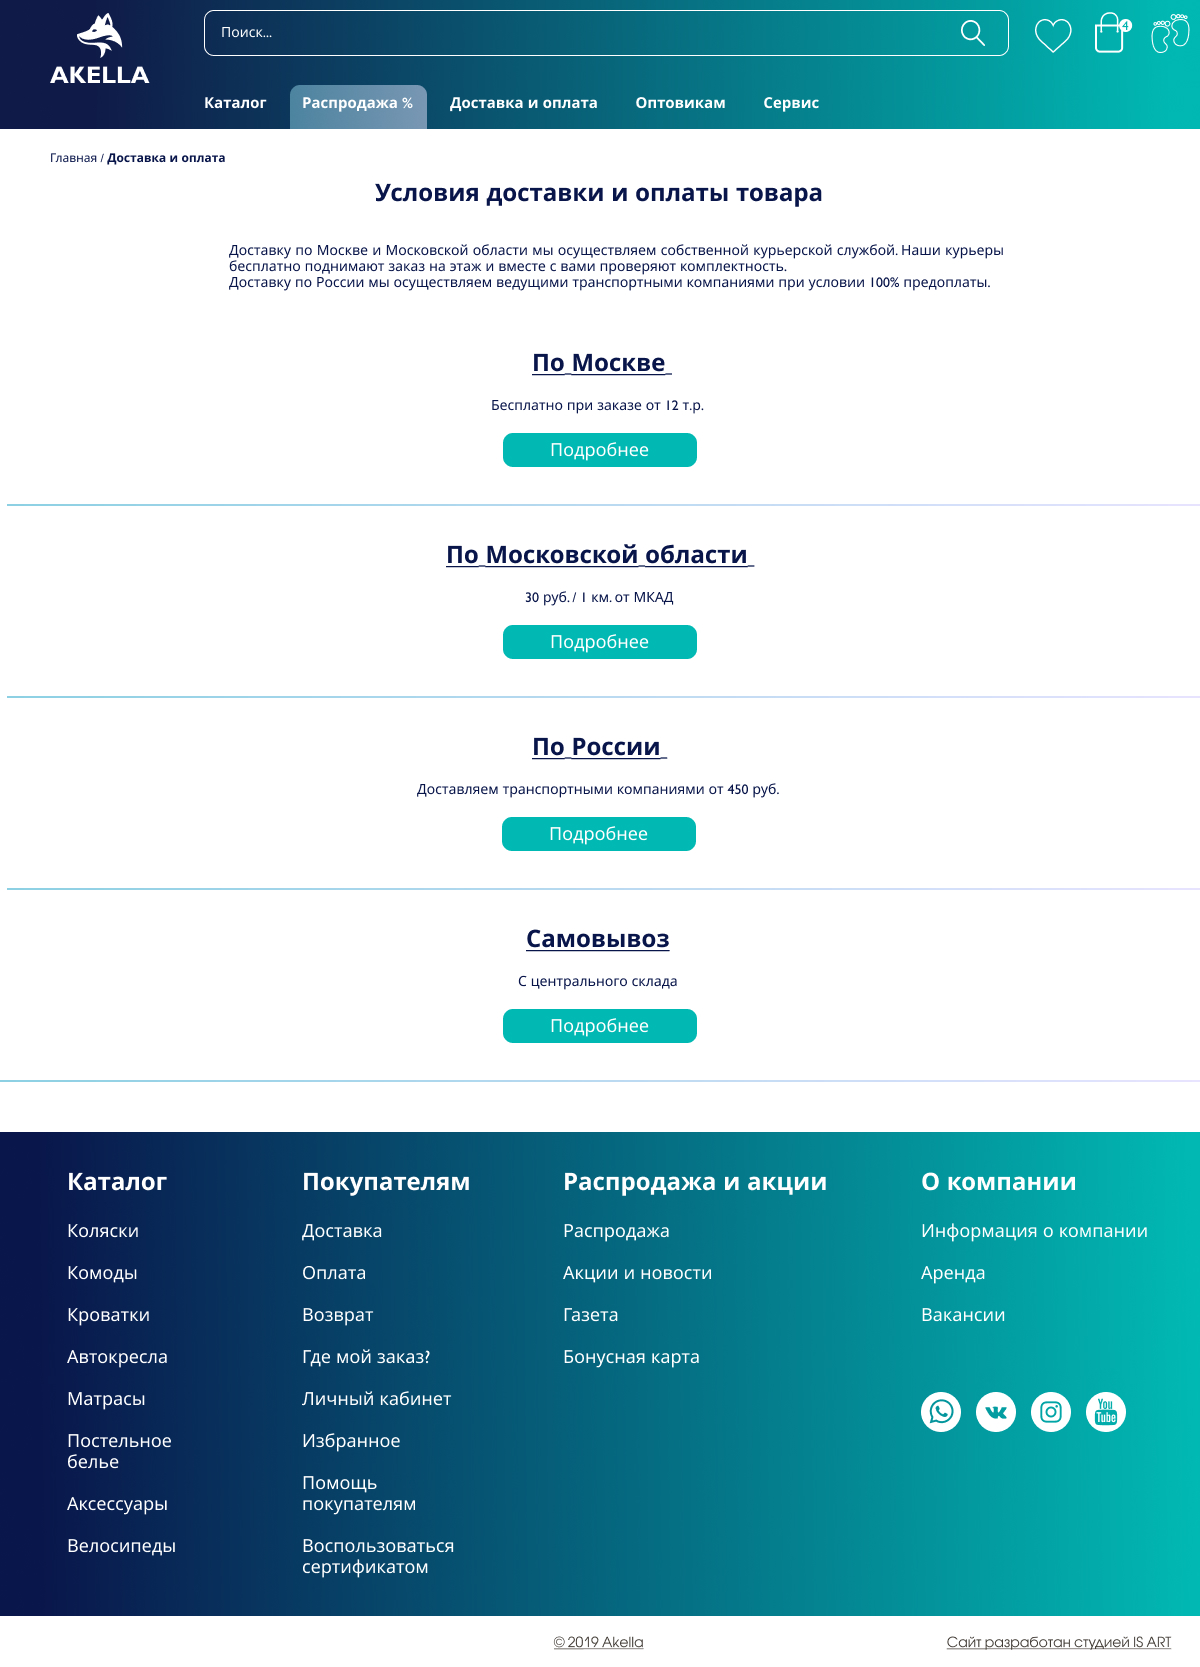 Макет сайта Детские товары Акелла 3